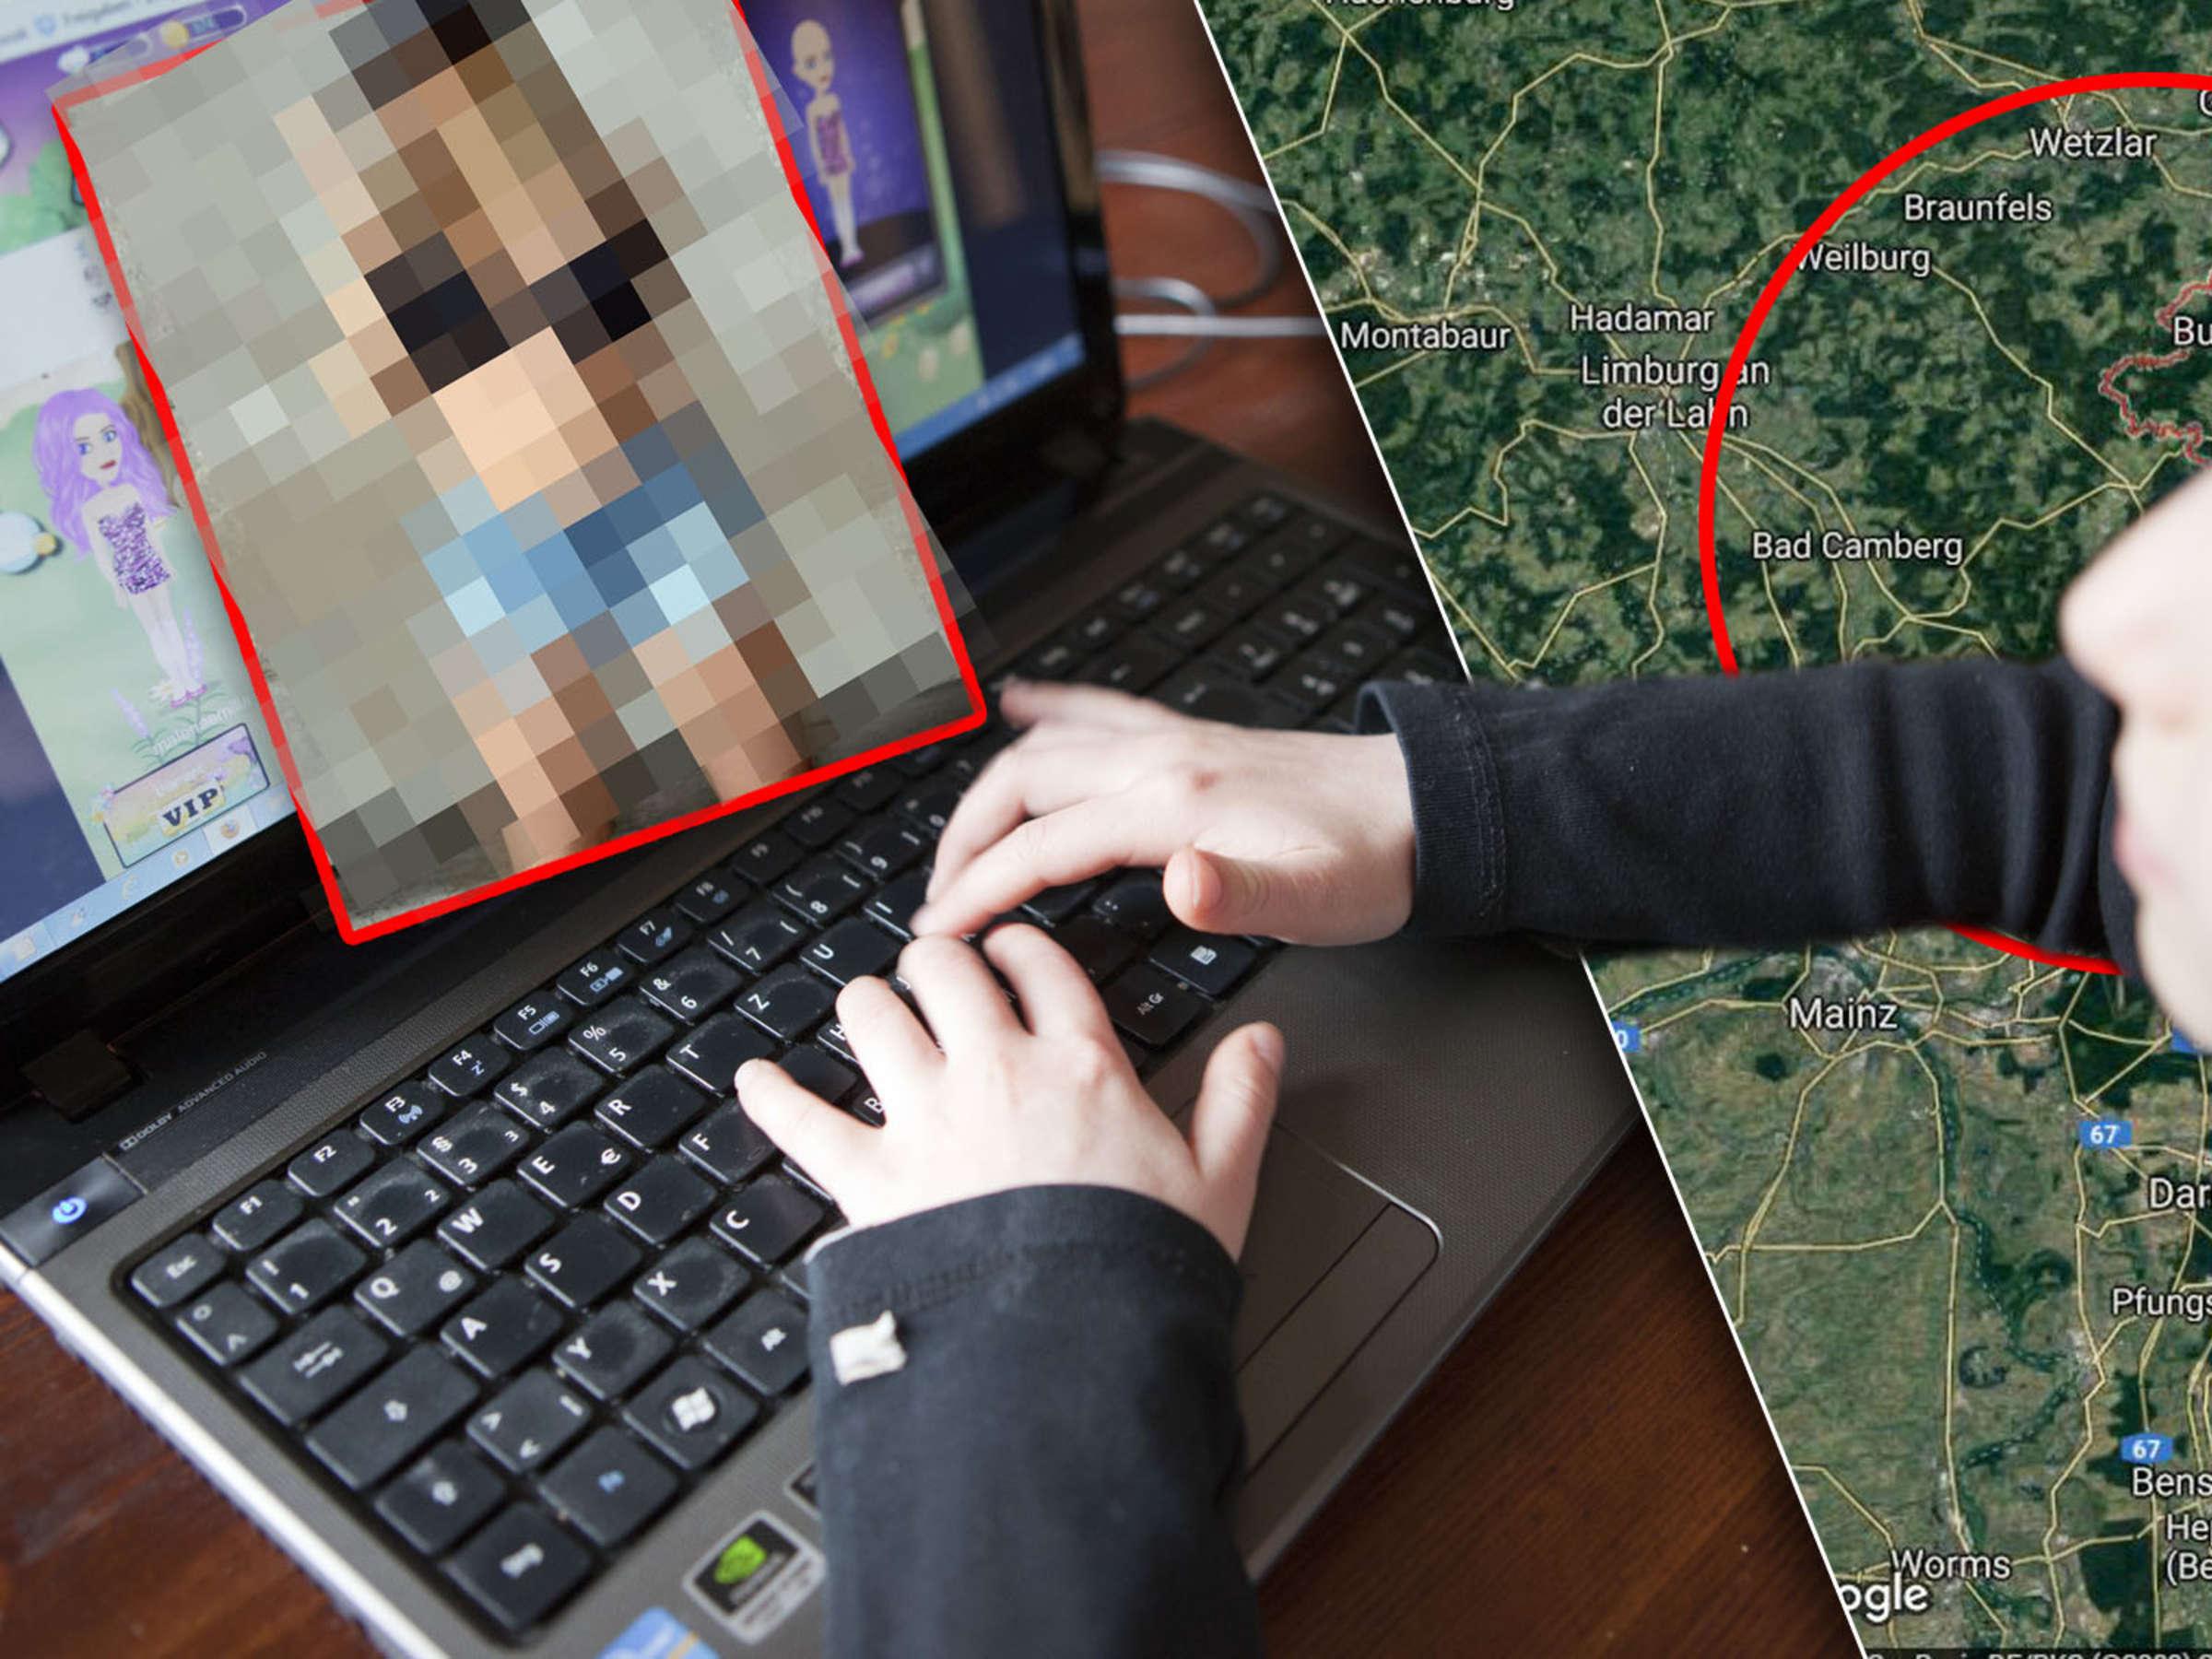 Nackt mädchen 13 jähriges komplett Iraker vergewaltigt